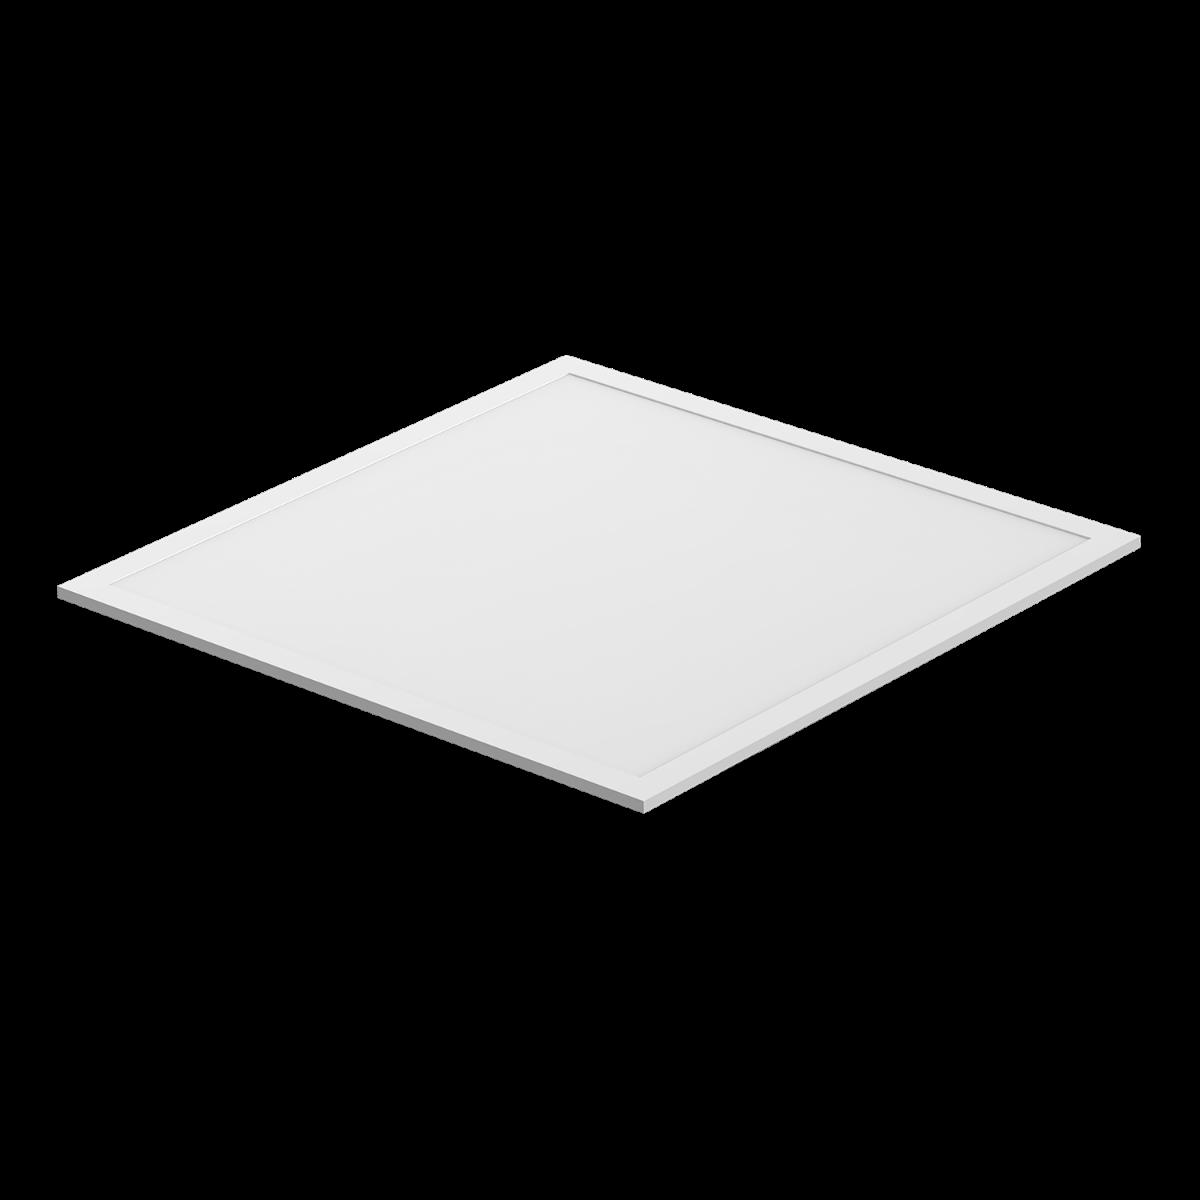 Noxion Panneau LED Econox 32W 60x60cm 4000K 4400lm UGR <22 | Blanc Froid - Substitut 4x18W